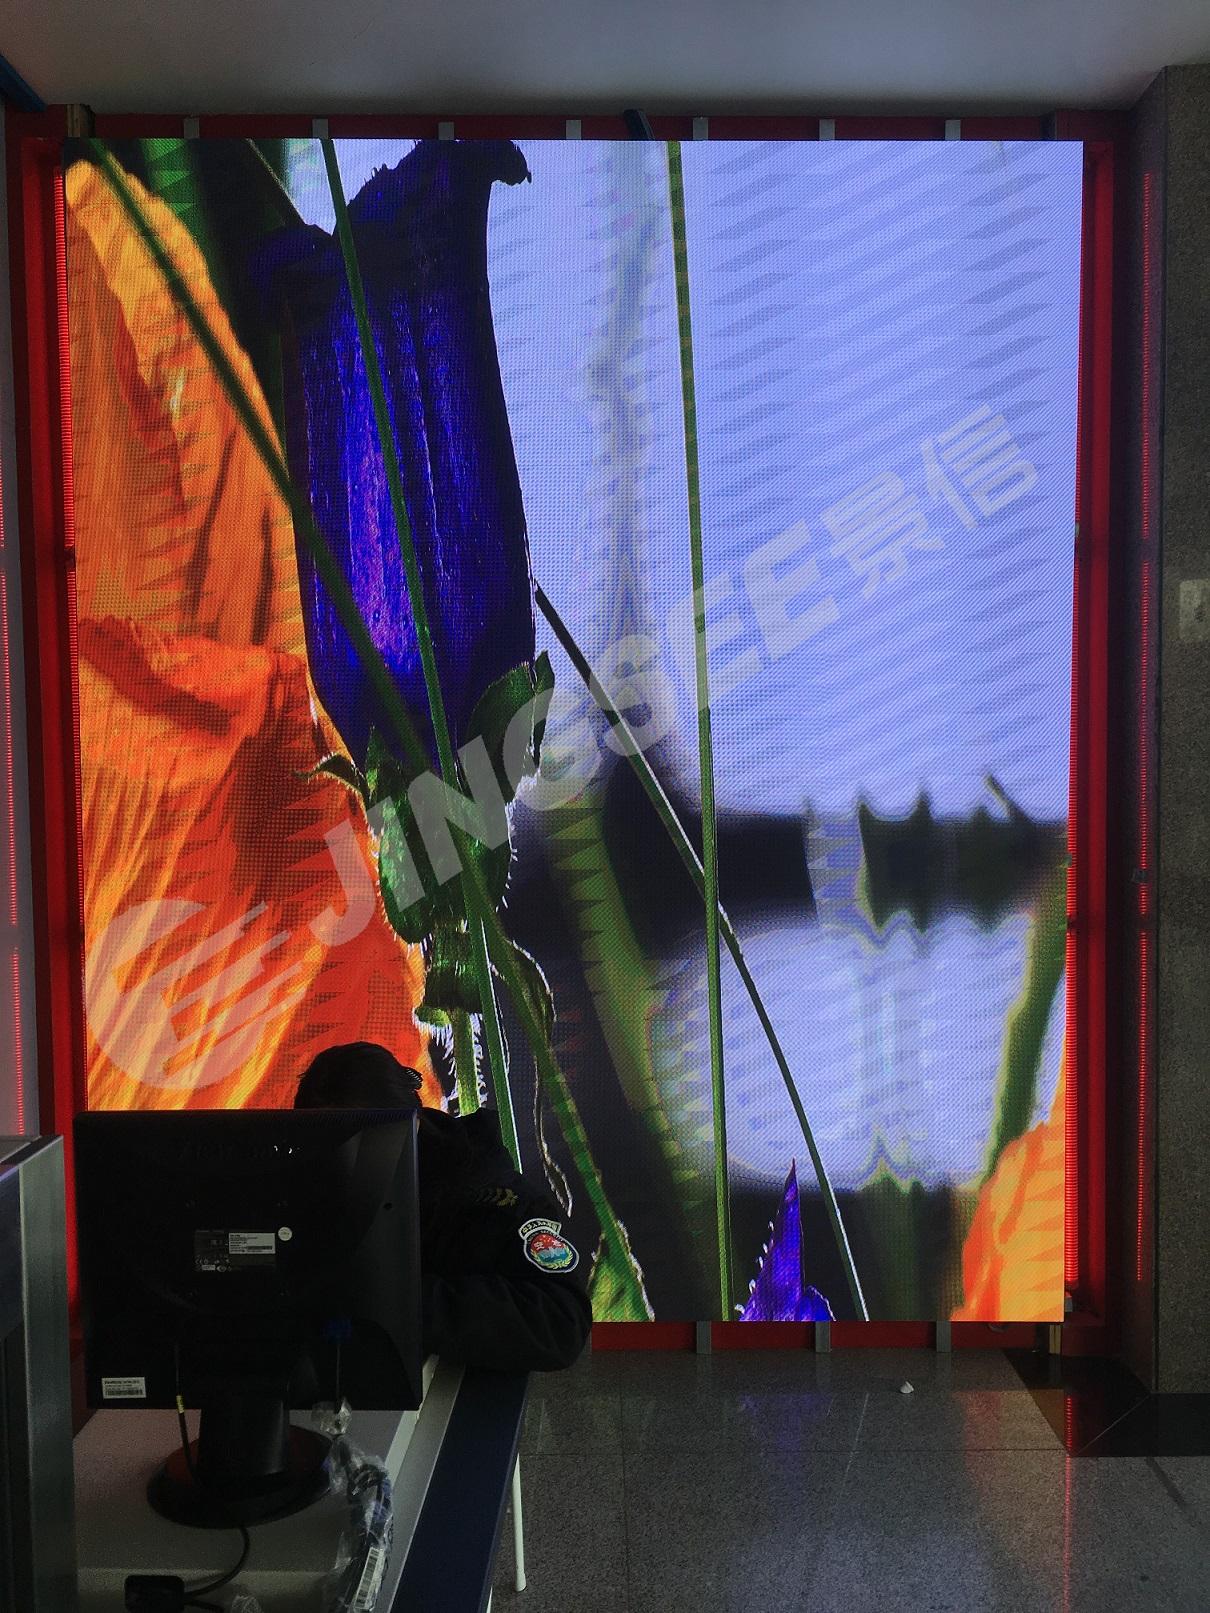 微信图片1-1-shuixiao.jpg